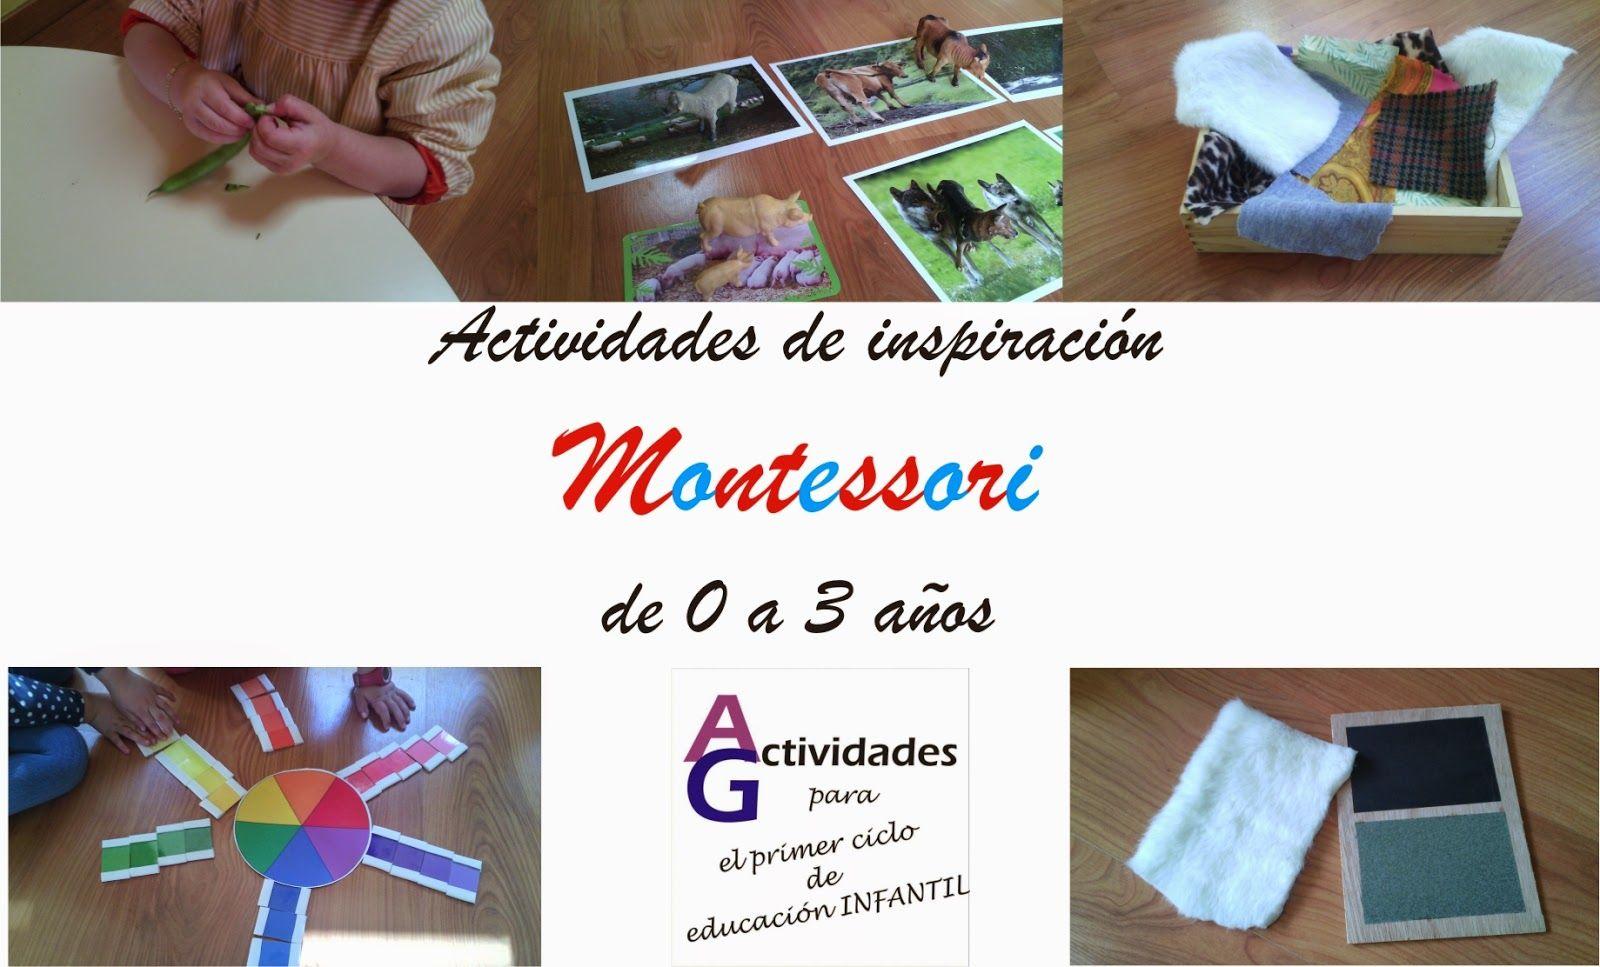 Actividades Para El Primer Ciclo De Educación Infantil Montessori 0 3 Años Actividades Montessori Actividades Sensoriales Infantiles Montessori